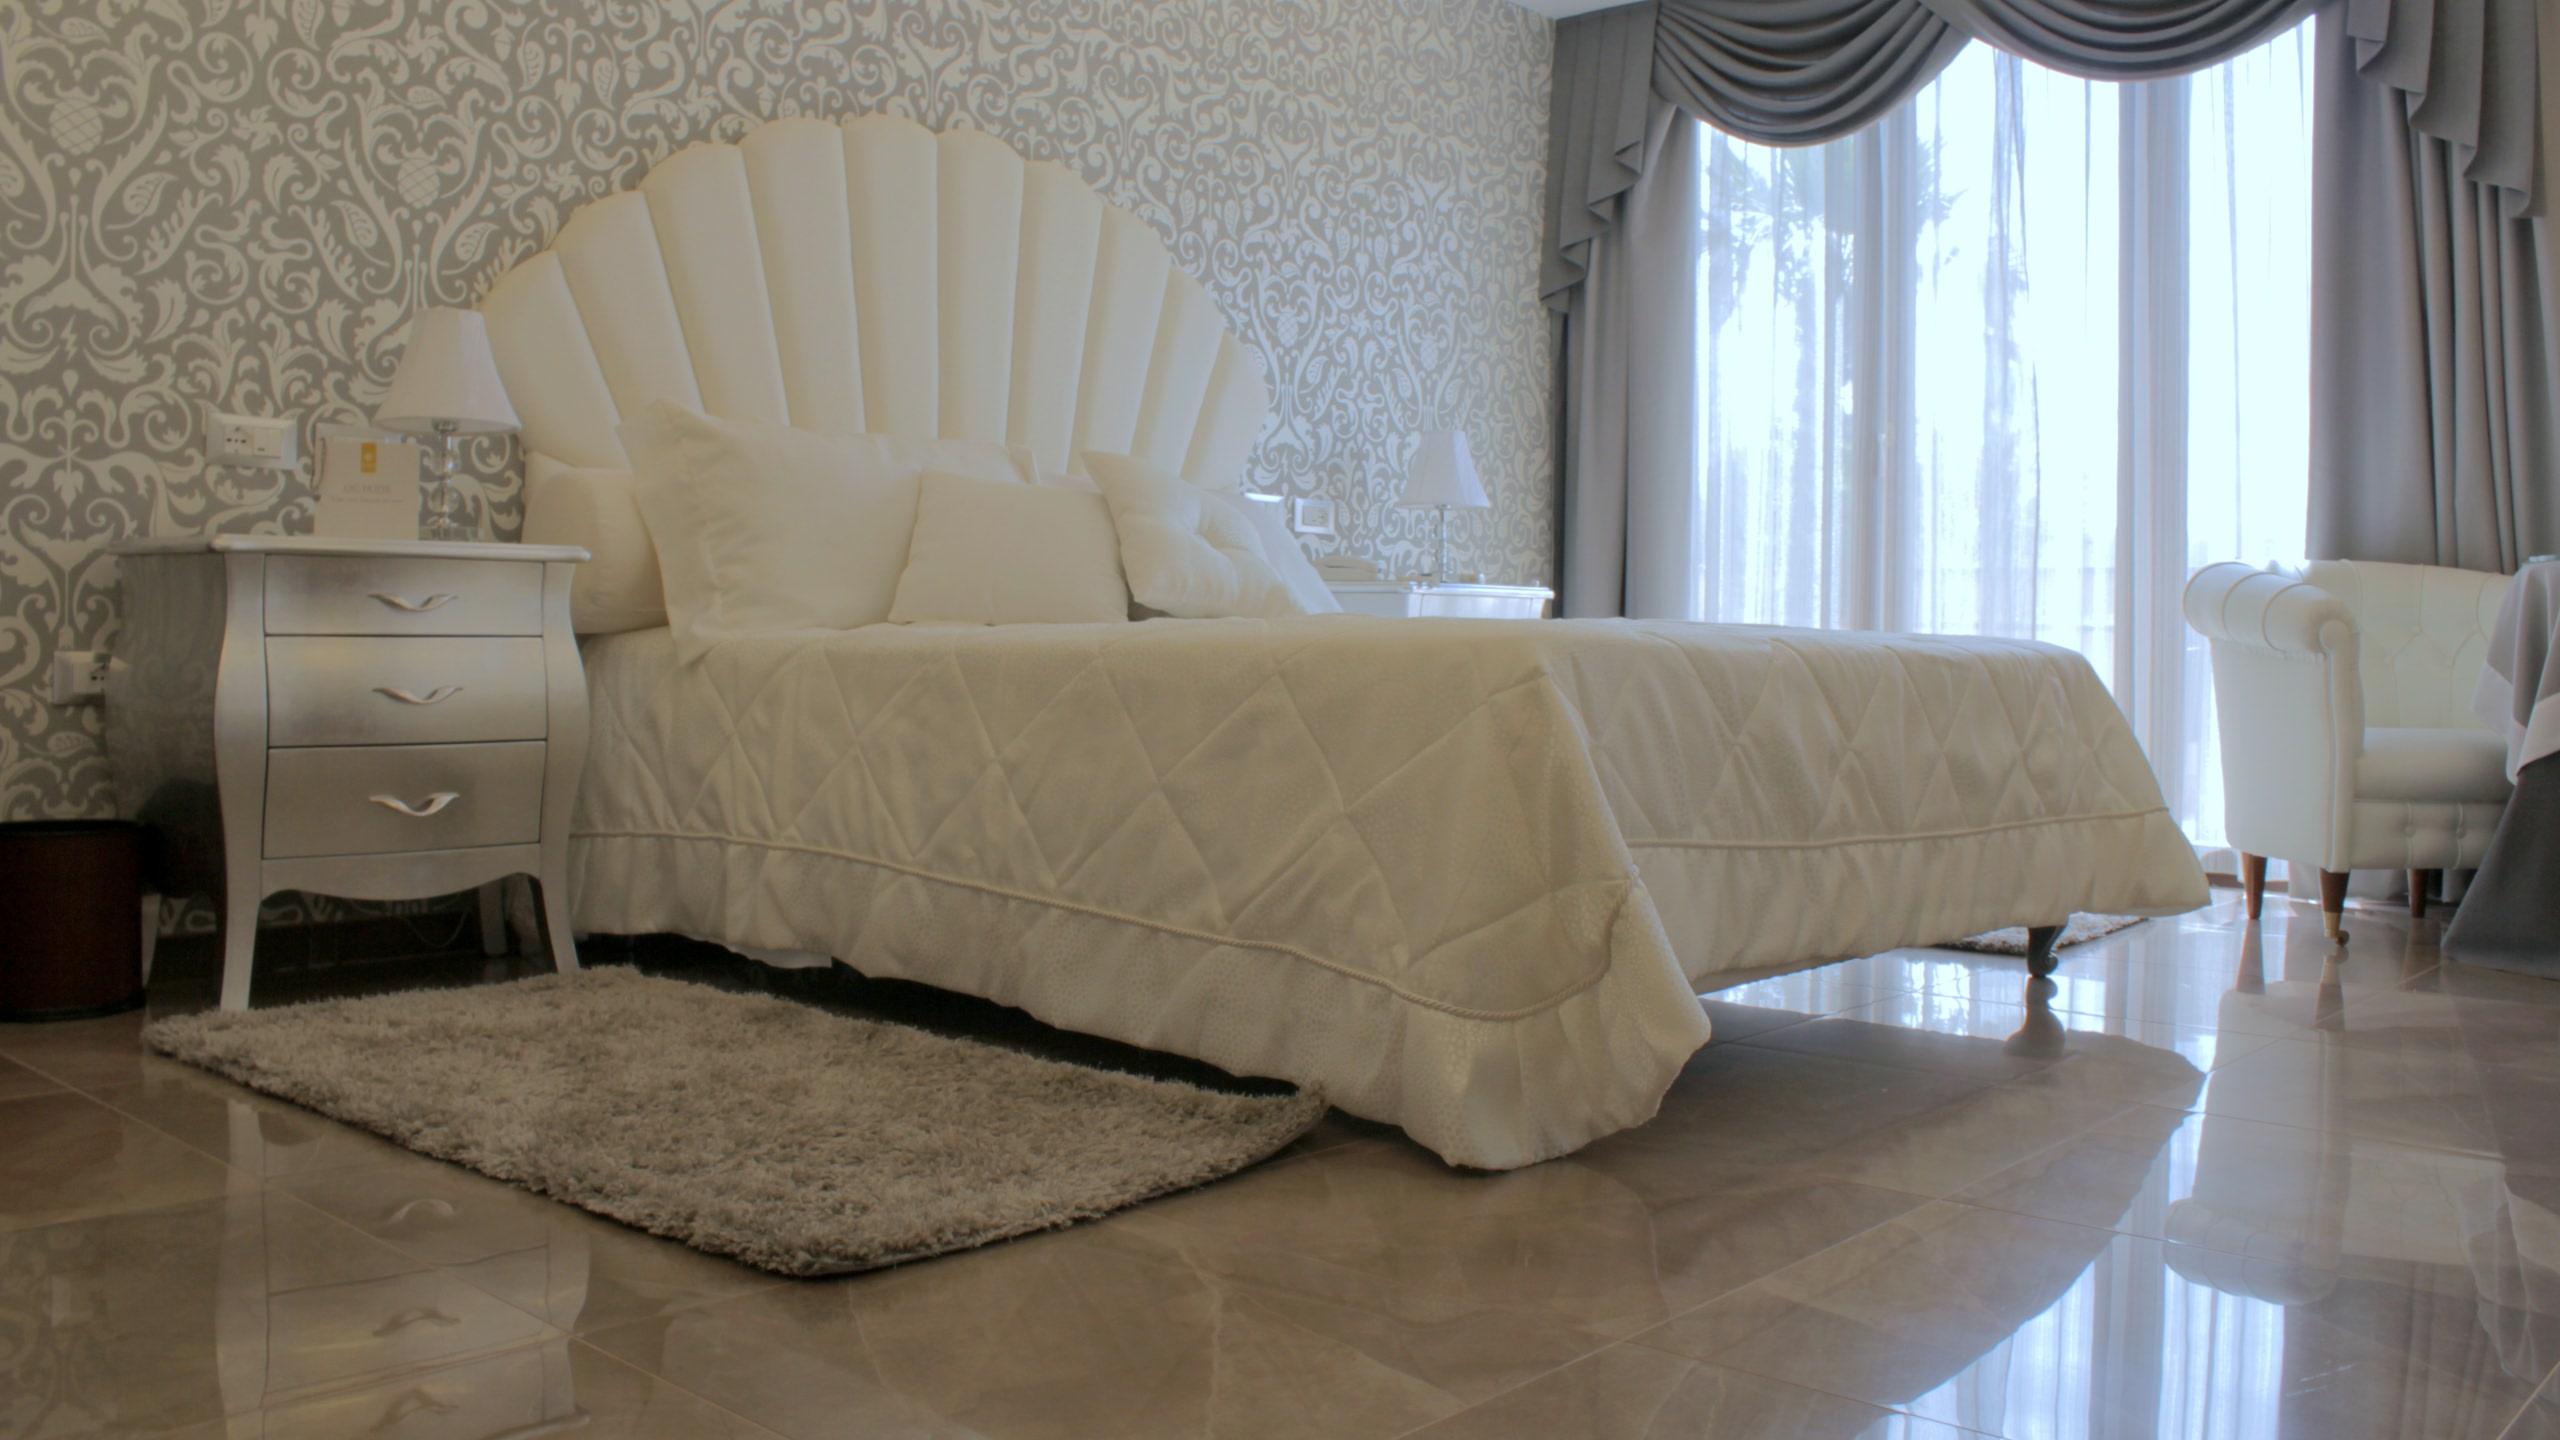 oc-hotel-roma-camere-0001